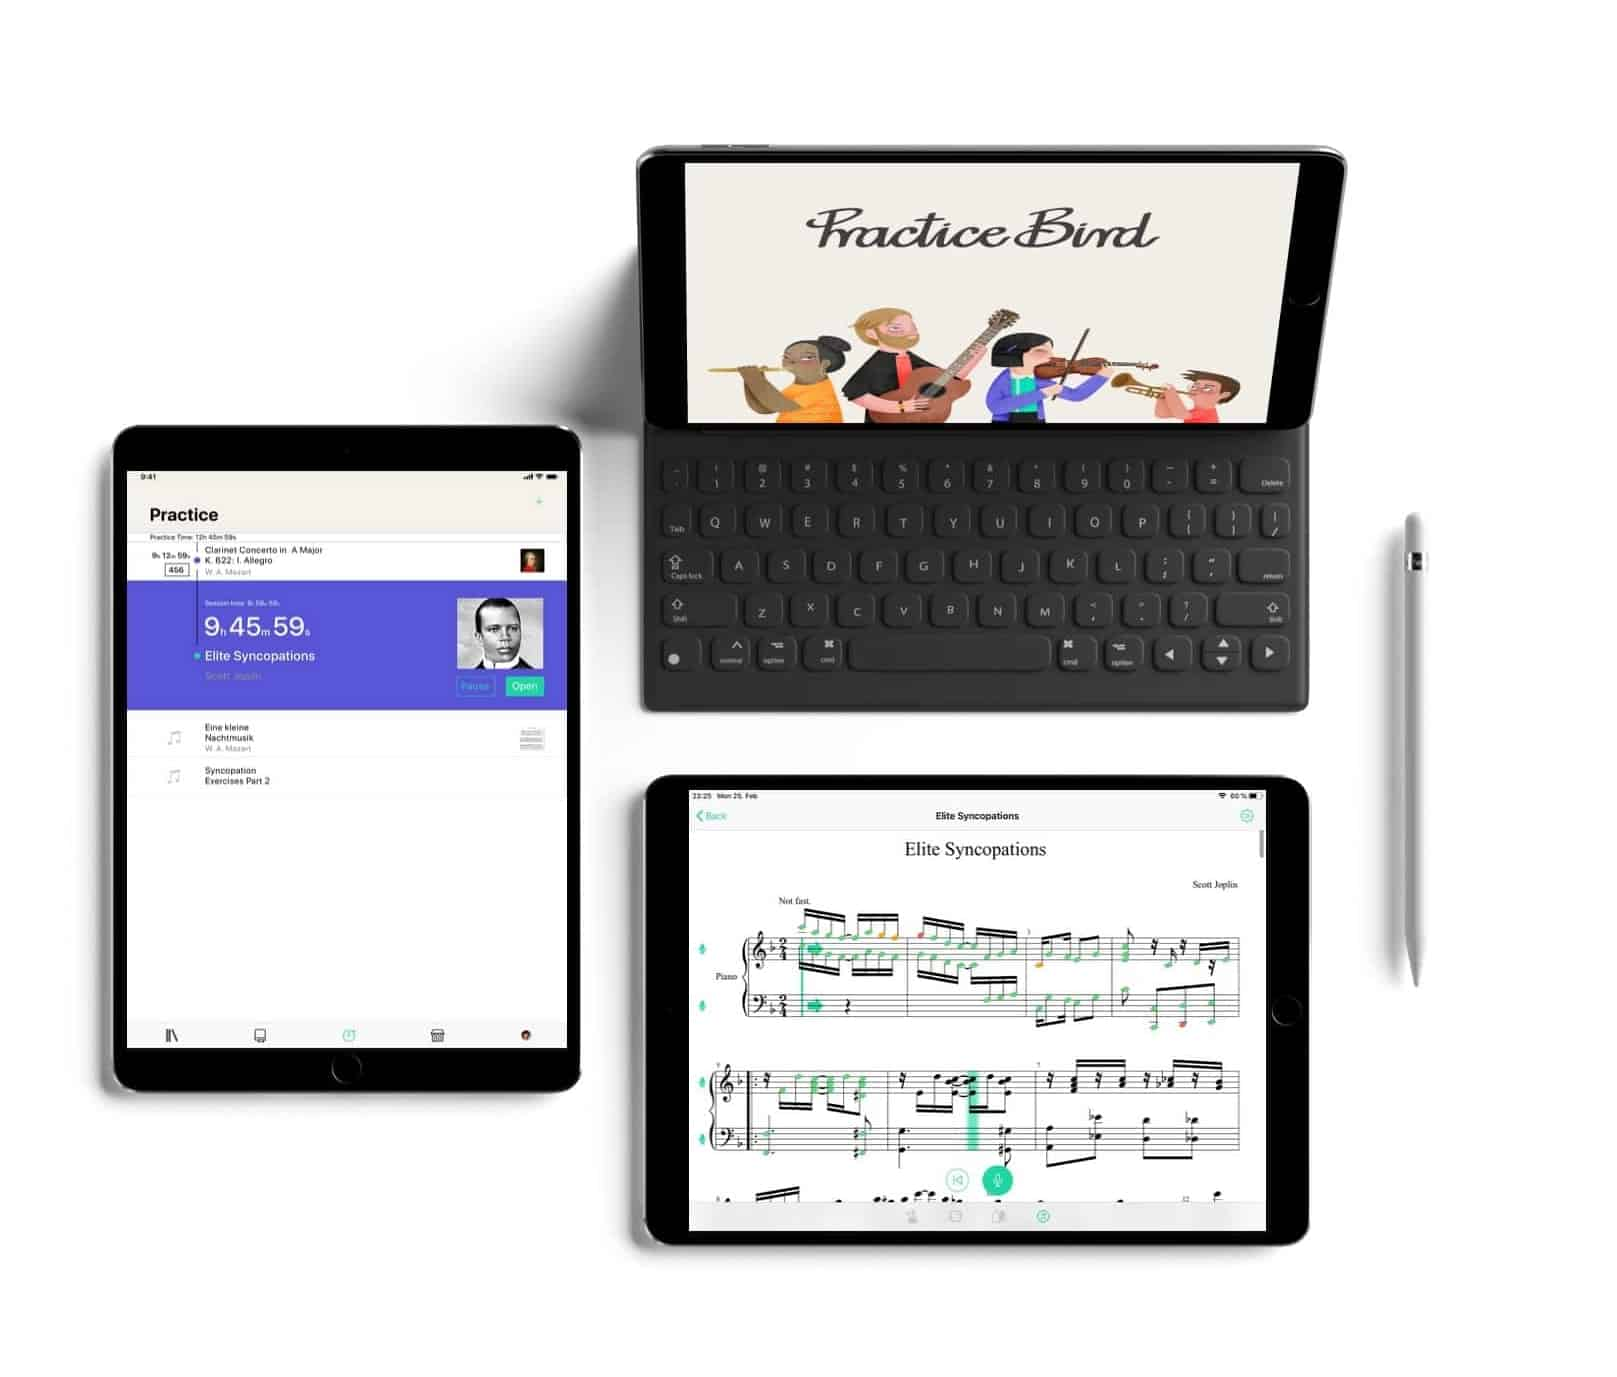 Practice Bird on 3 iPads mini